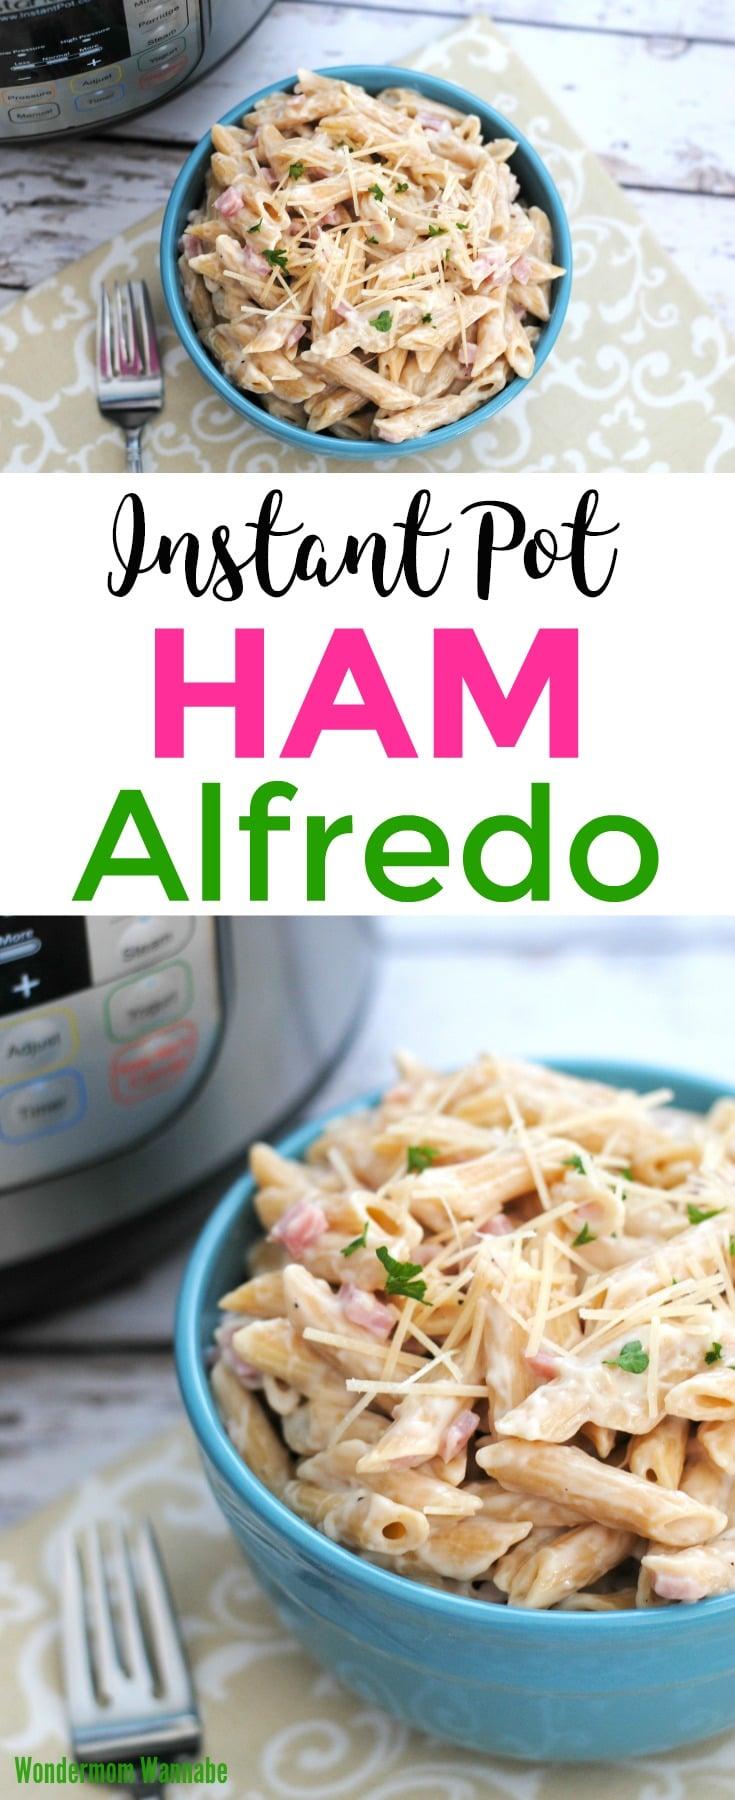 Instant Pot Ham Alfredo pin